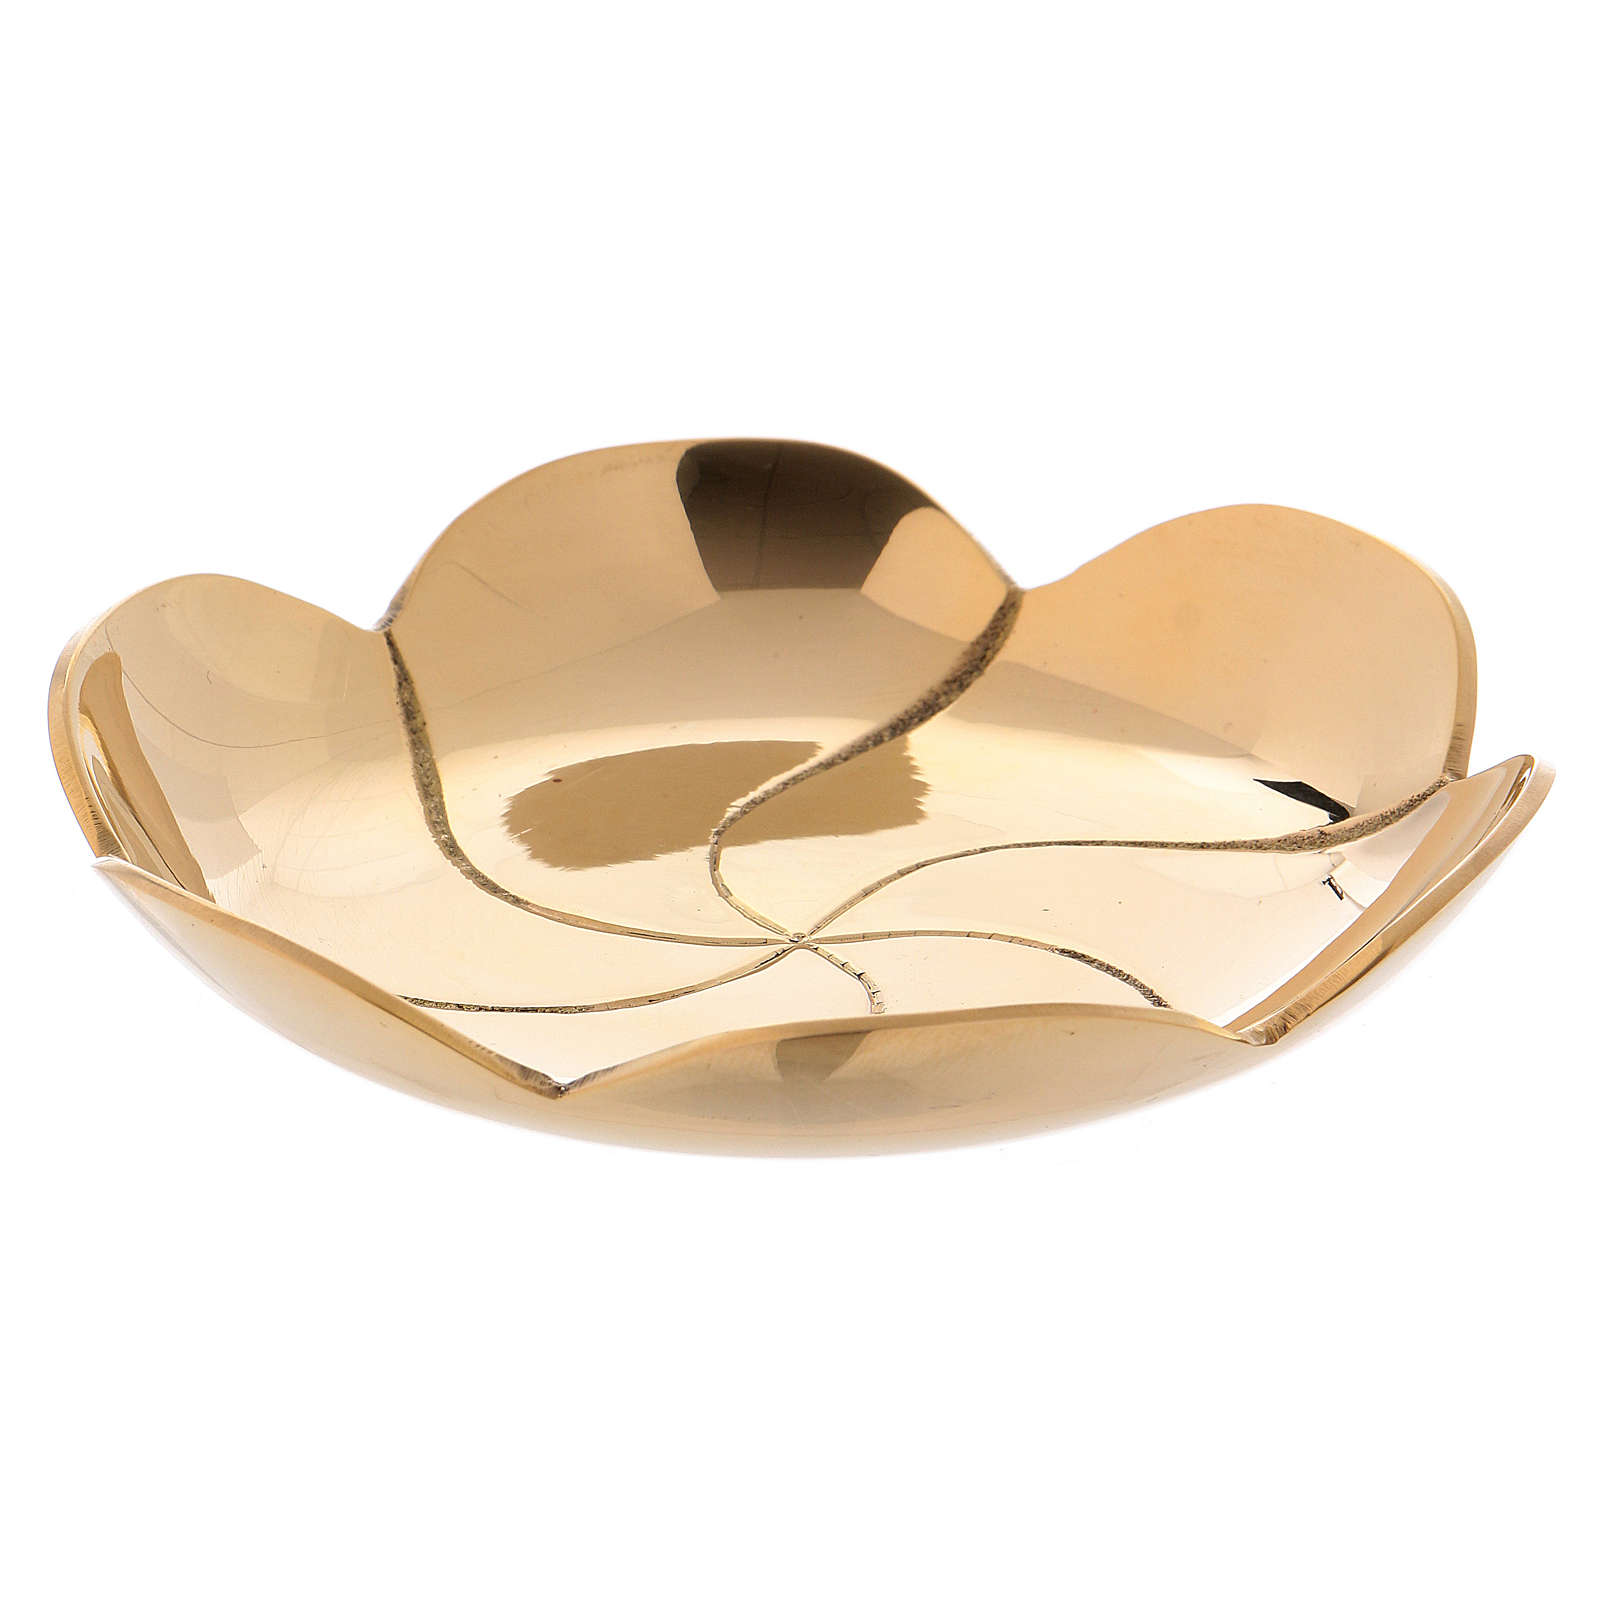 Platillo latón dorado loto d. 9,5 cm 3